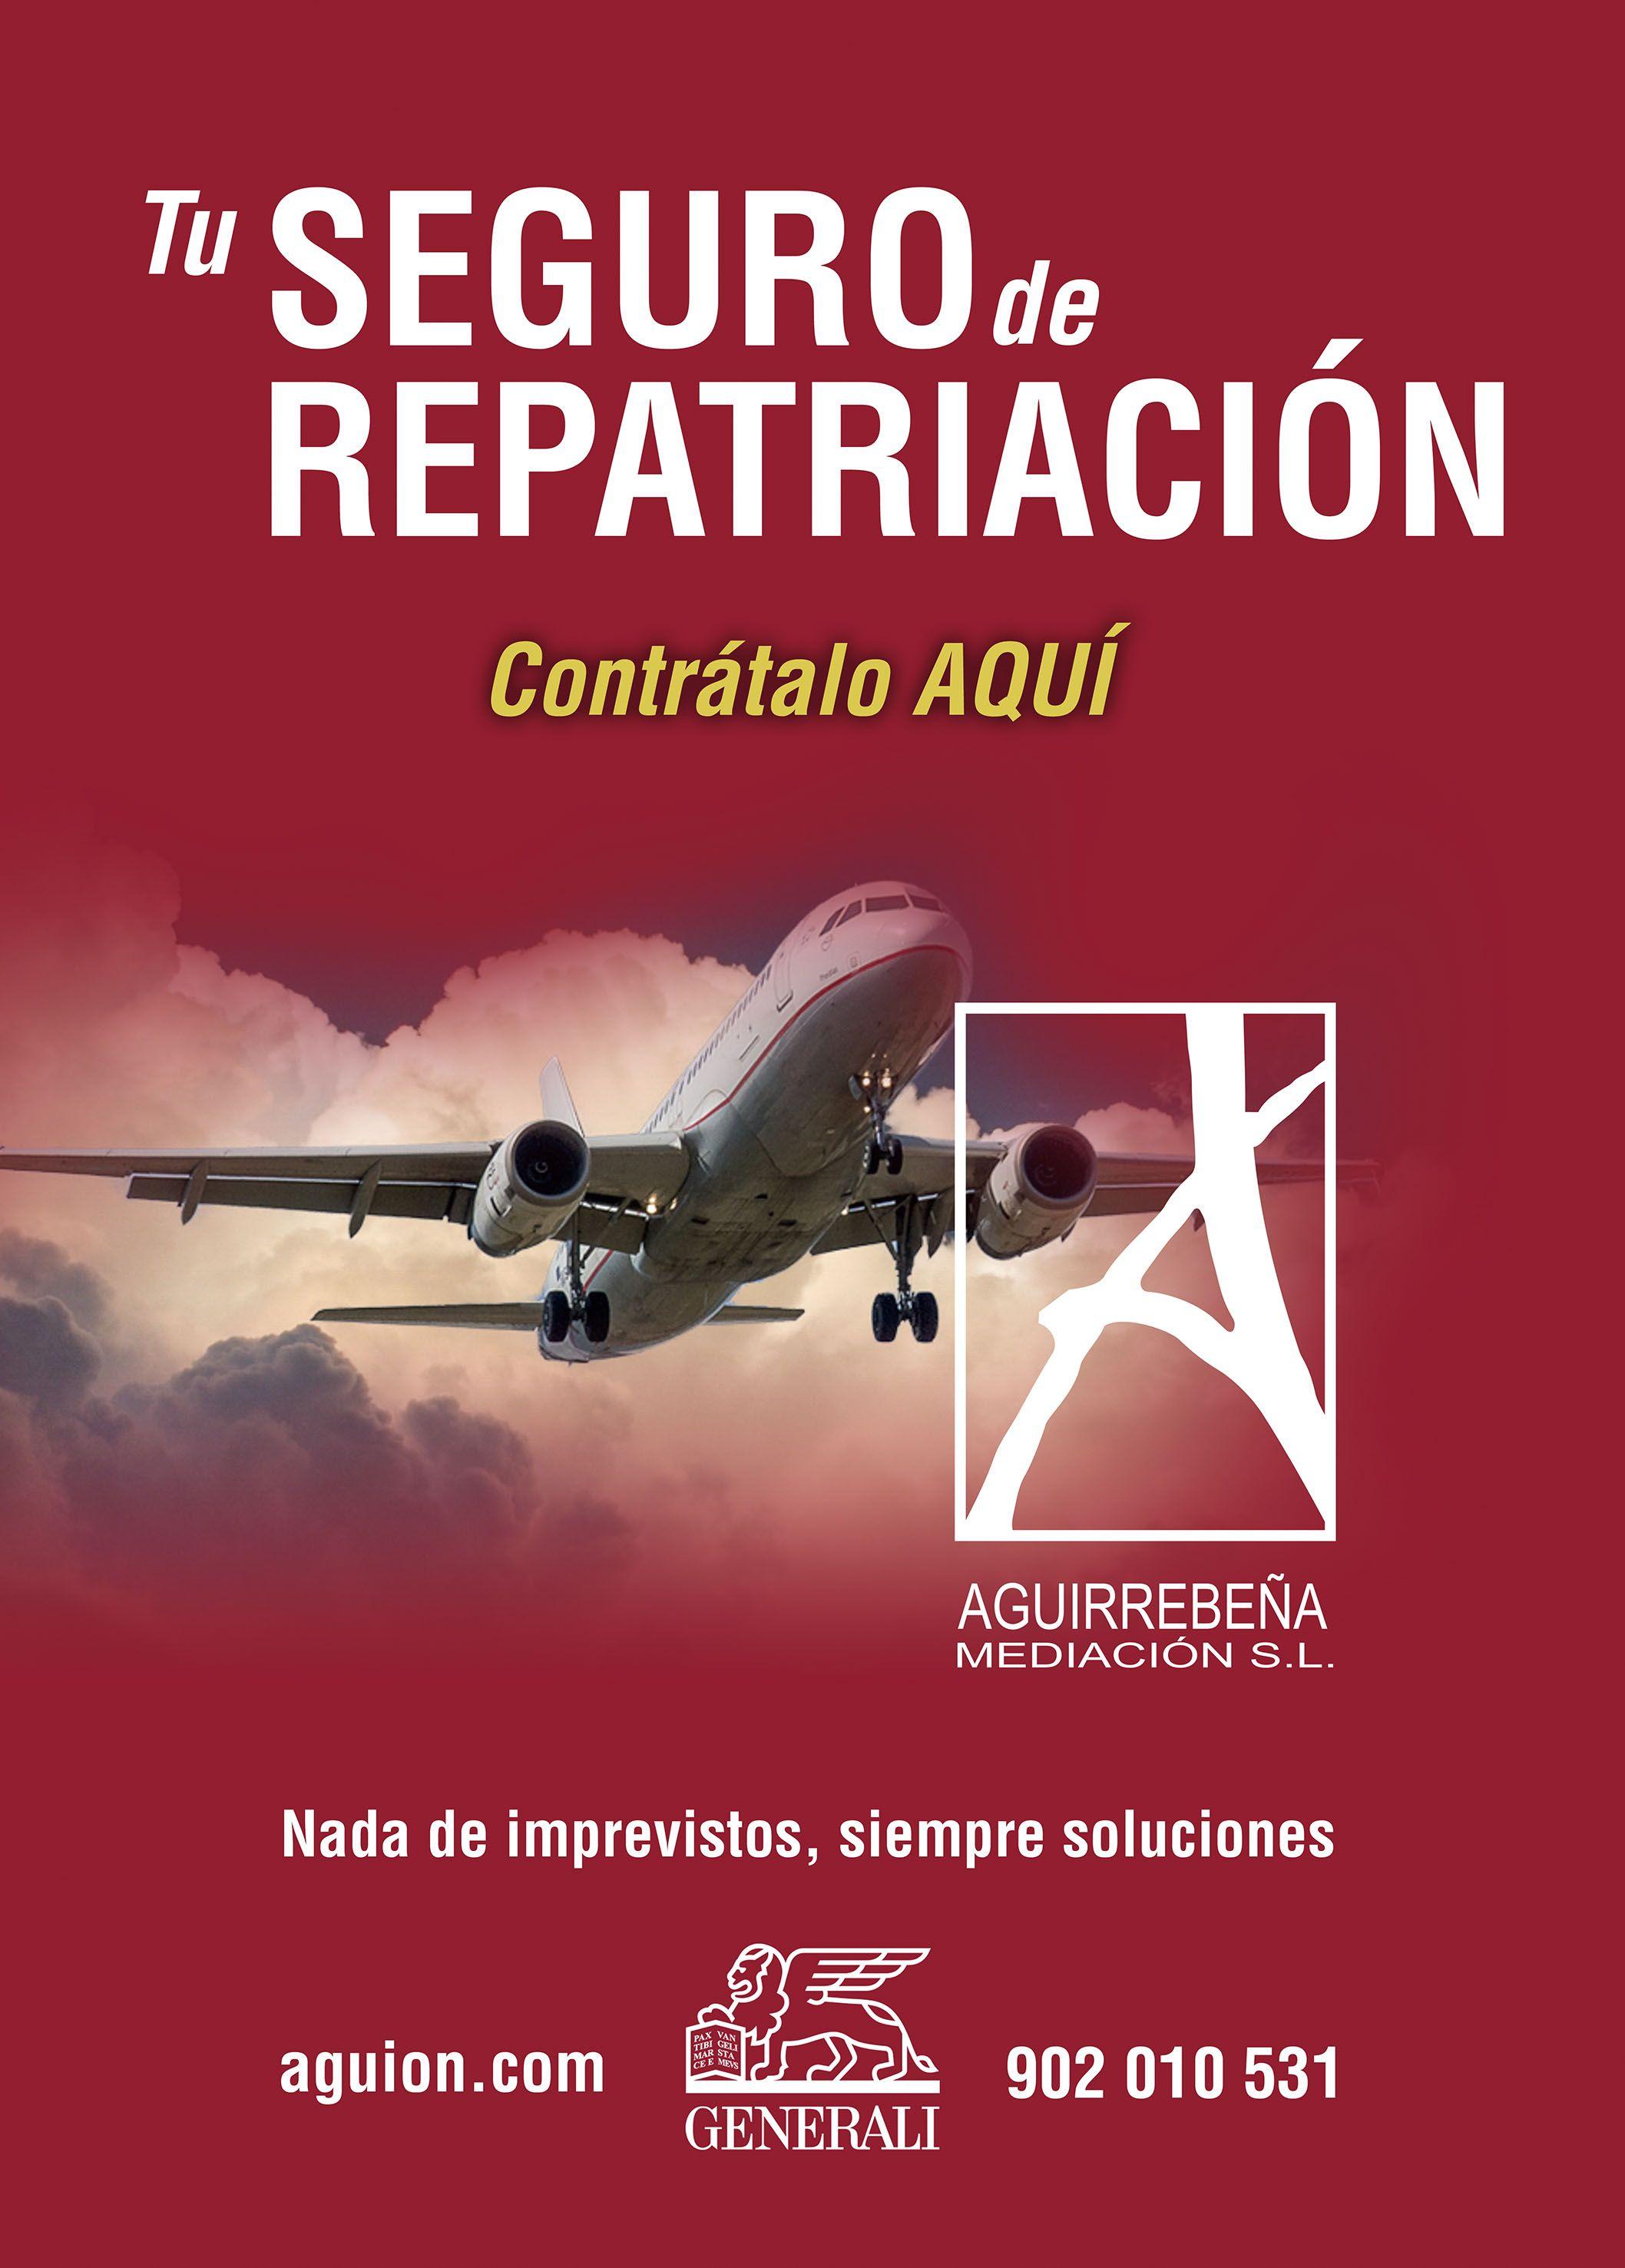 Seguros de repatriación